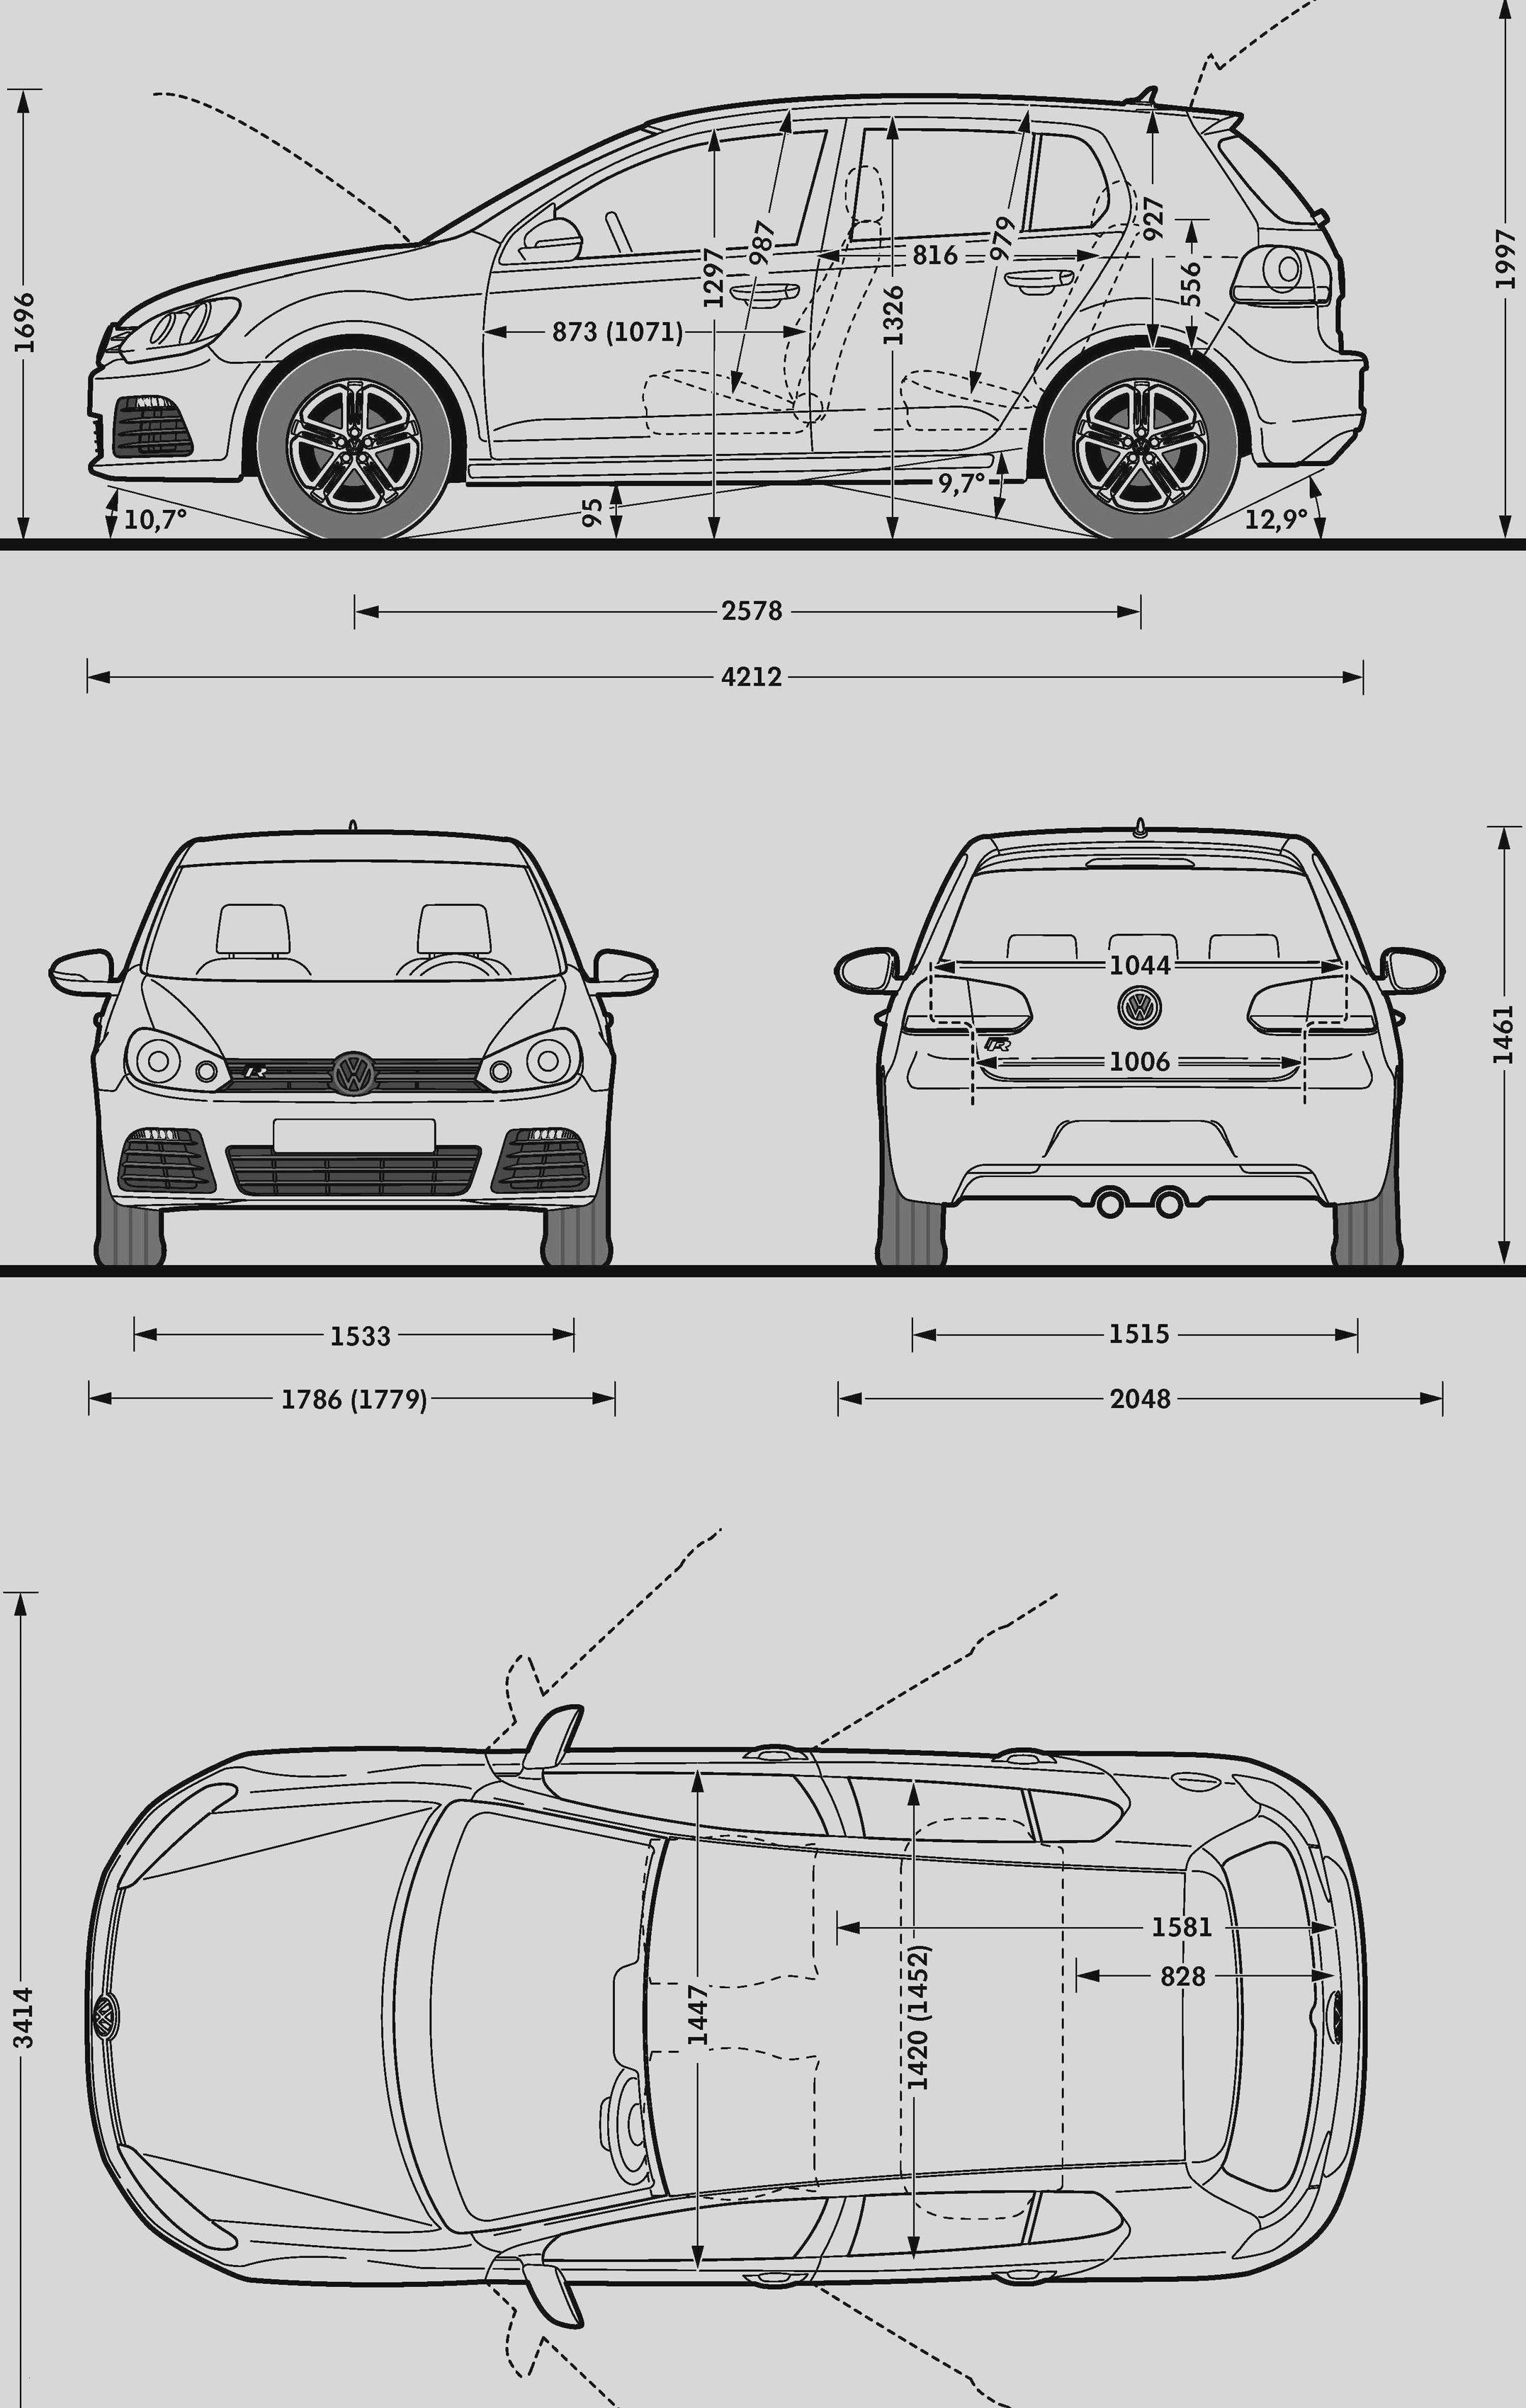 Trecker Zum Ausmalen Genial Kostenlose Ausmalbilder Autos Elegant Schön Malvorlagen Auto Cabrio Bild